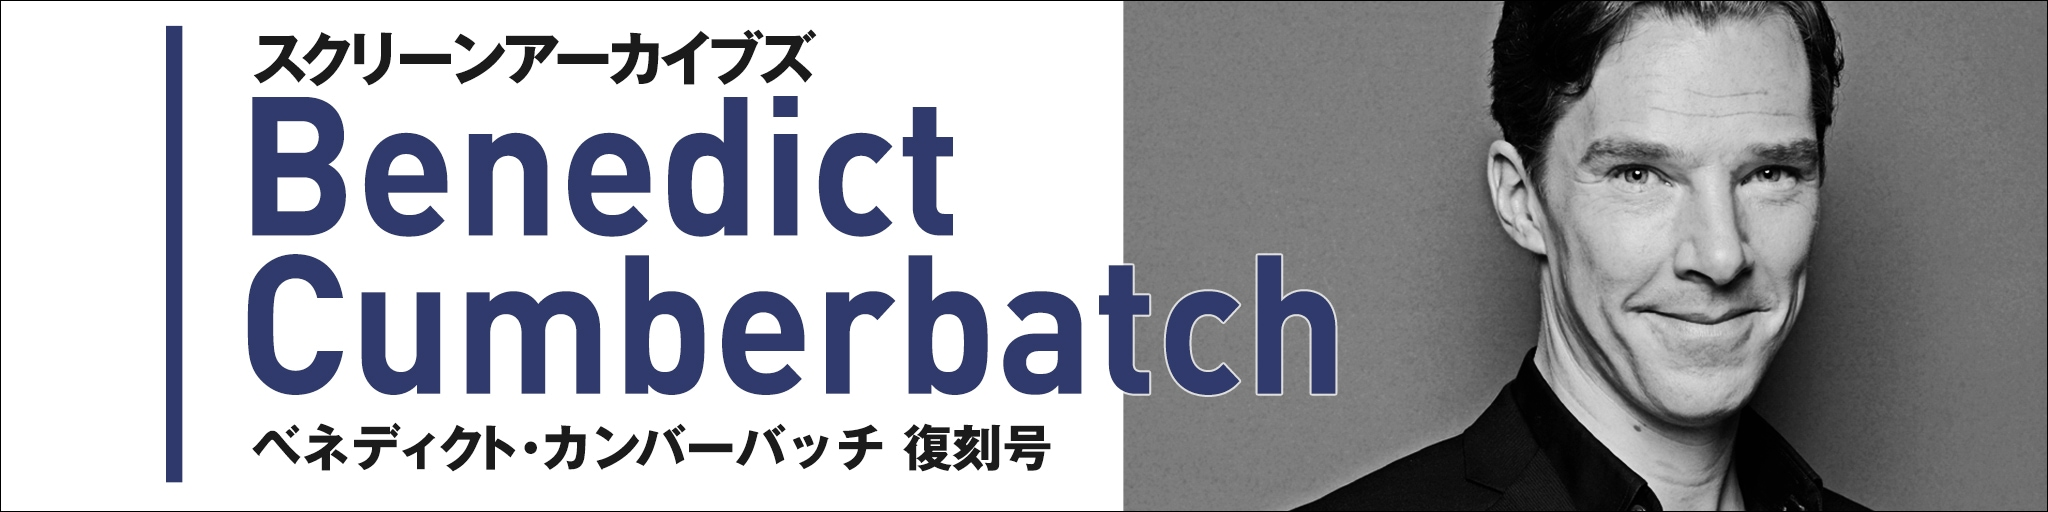 ベネディクト・カンバーバッチ